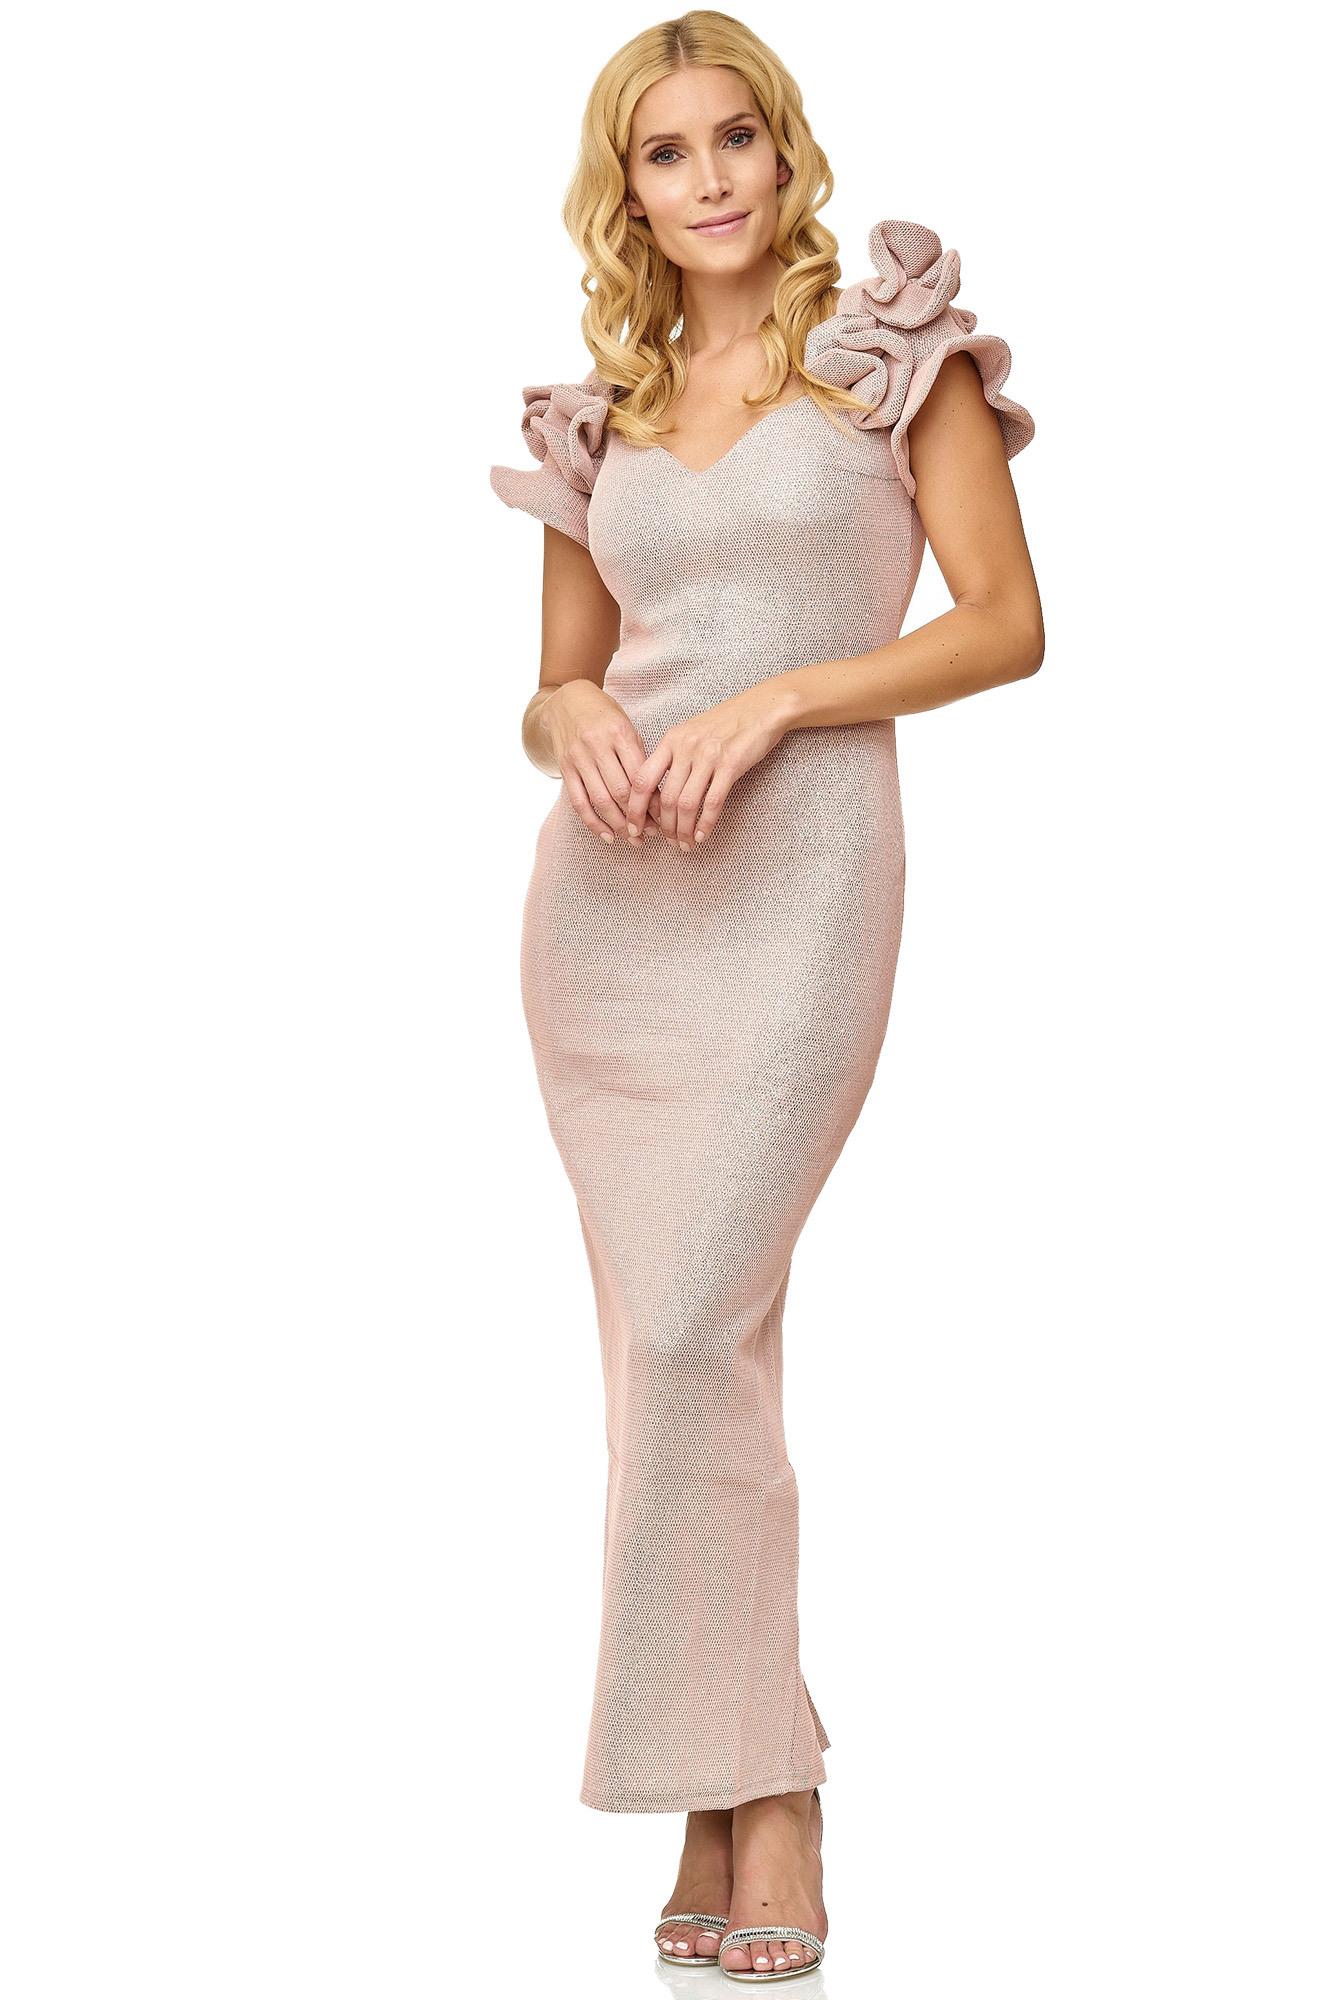 Einfach F&P Abendkleider Stylish13 Luxurius F&P Abendkleider Vertrieb